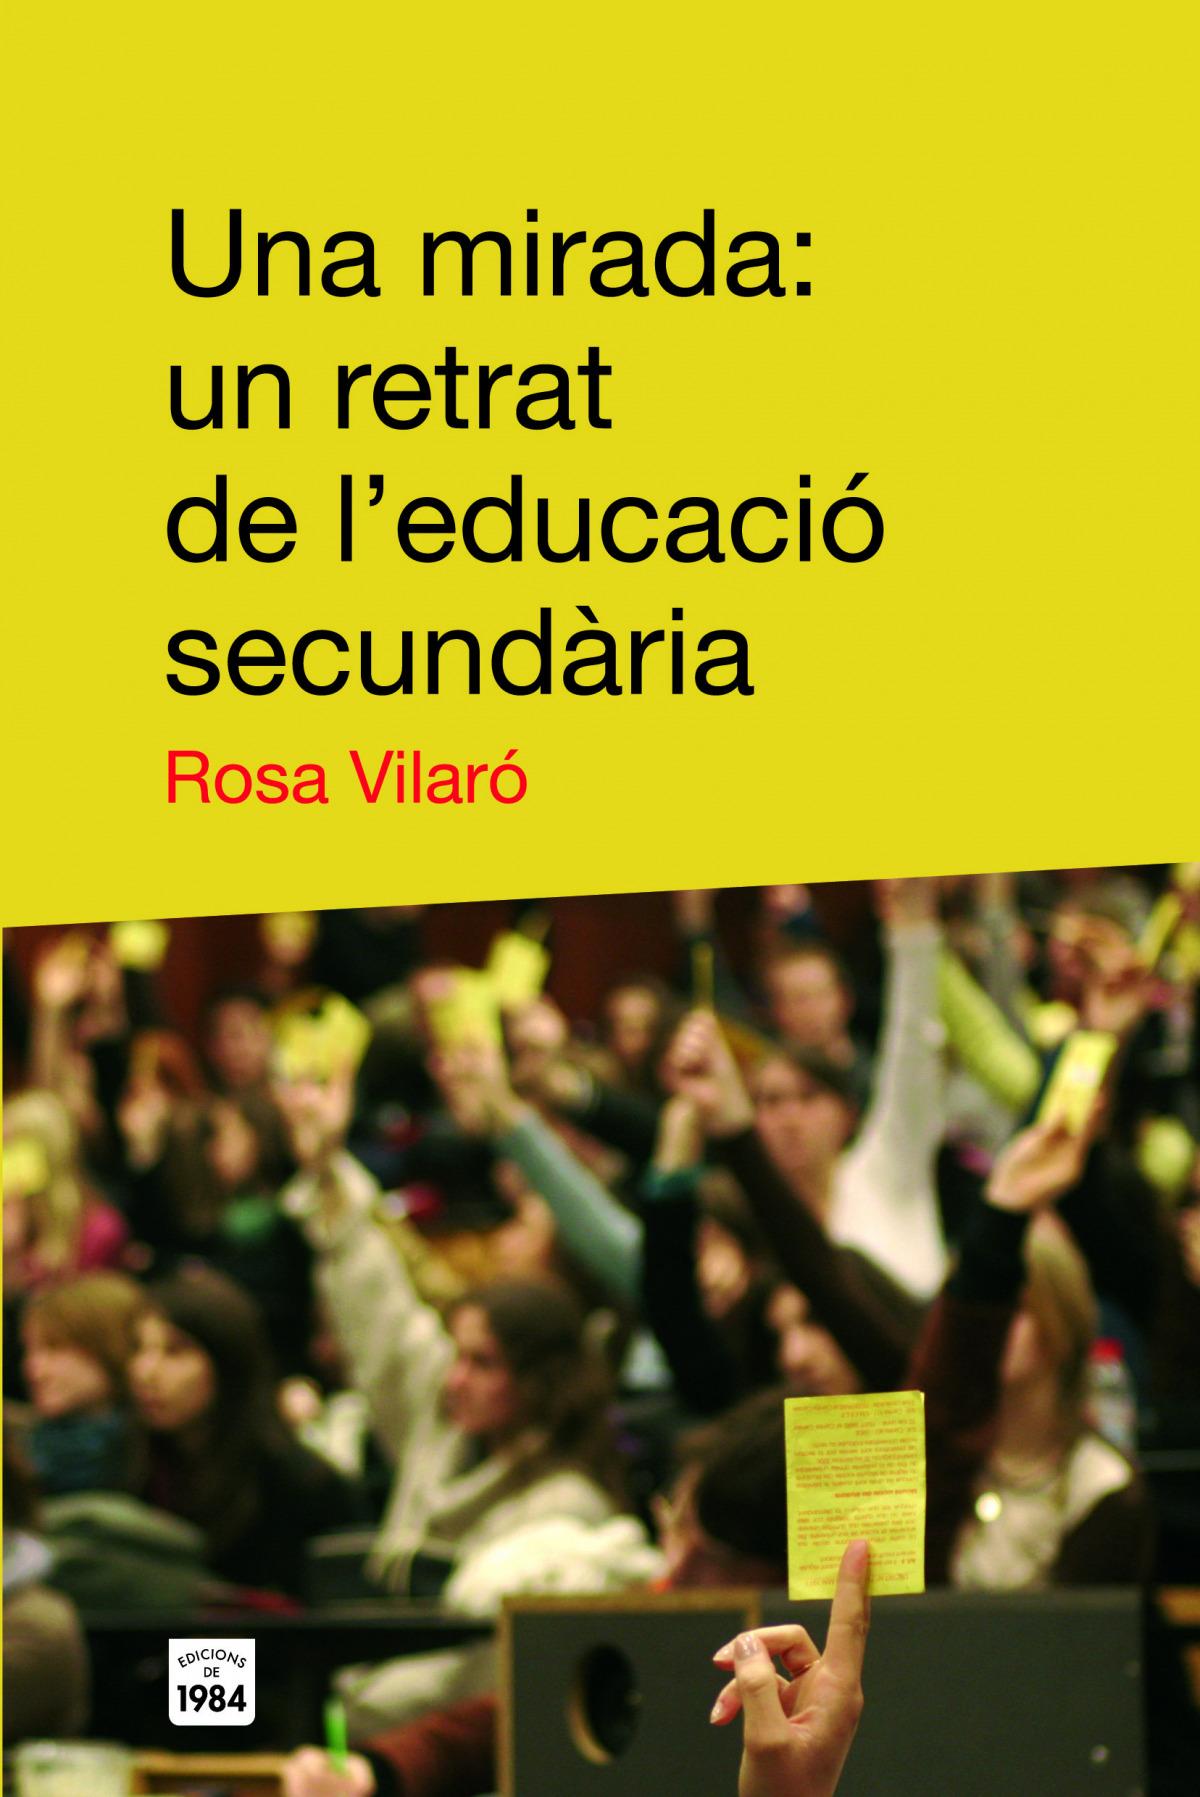 Una mirada: un retrat de l'educació secundària